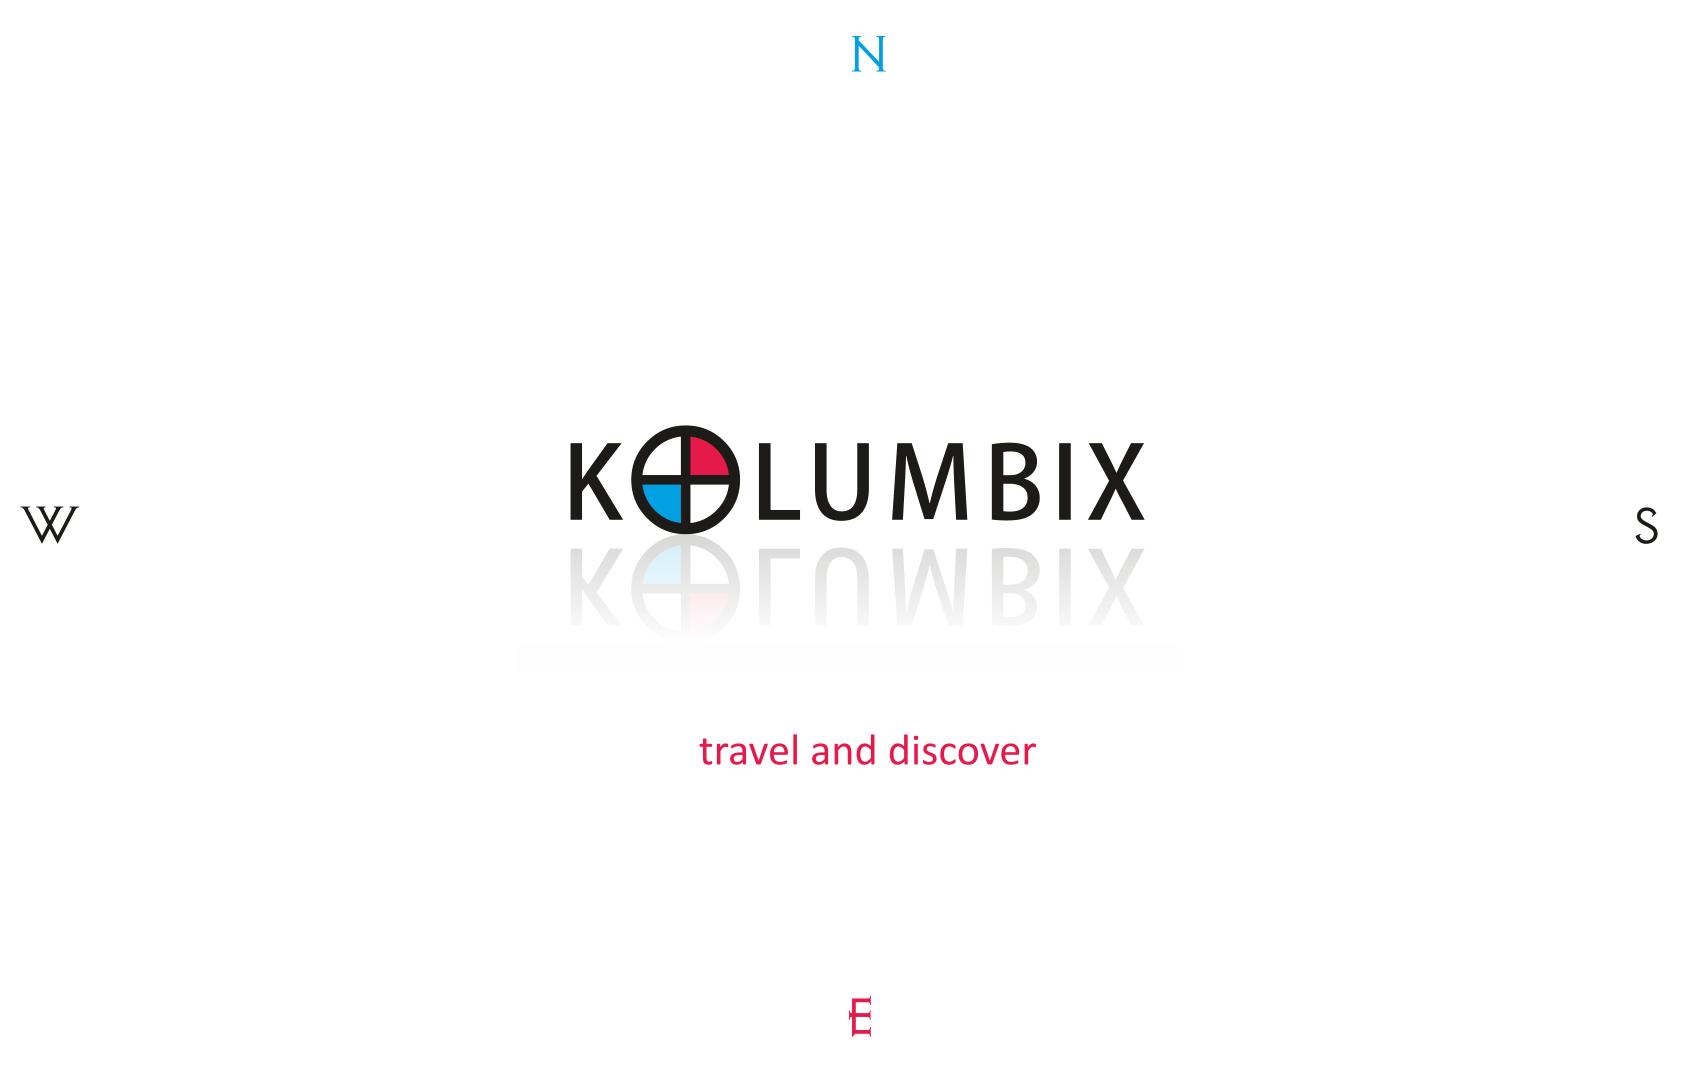 Создание логотипа для туристической фирмы Kolumbix фото f_4fb8fe6504a4a.png